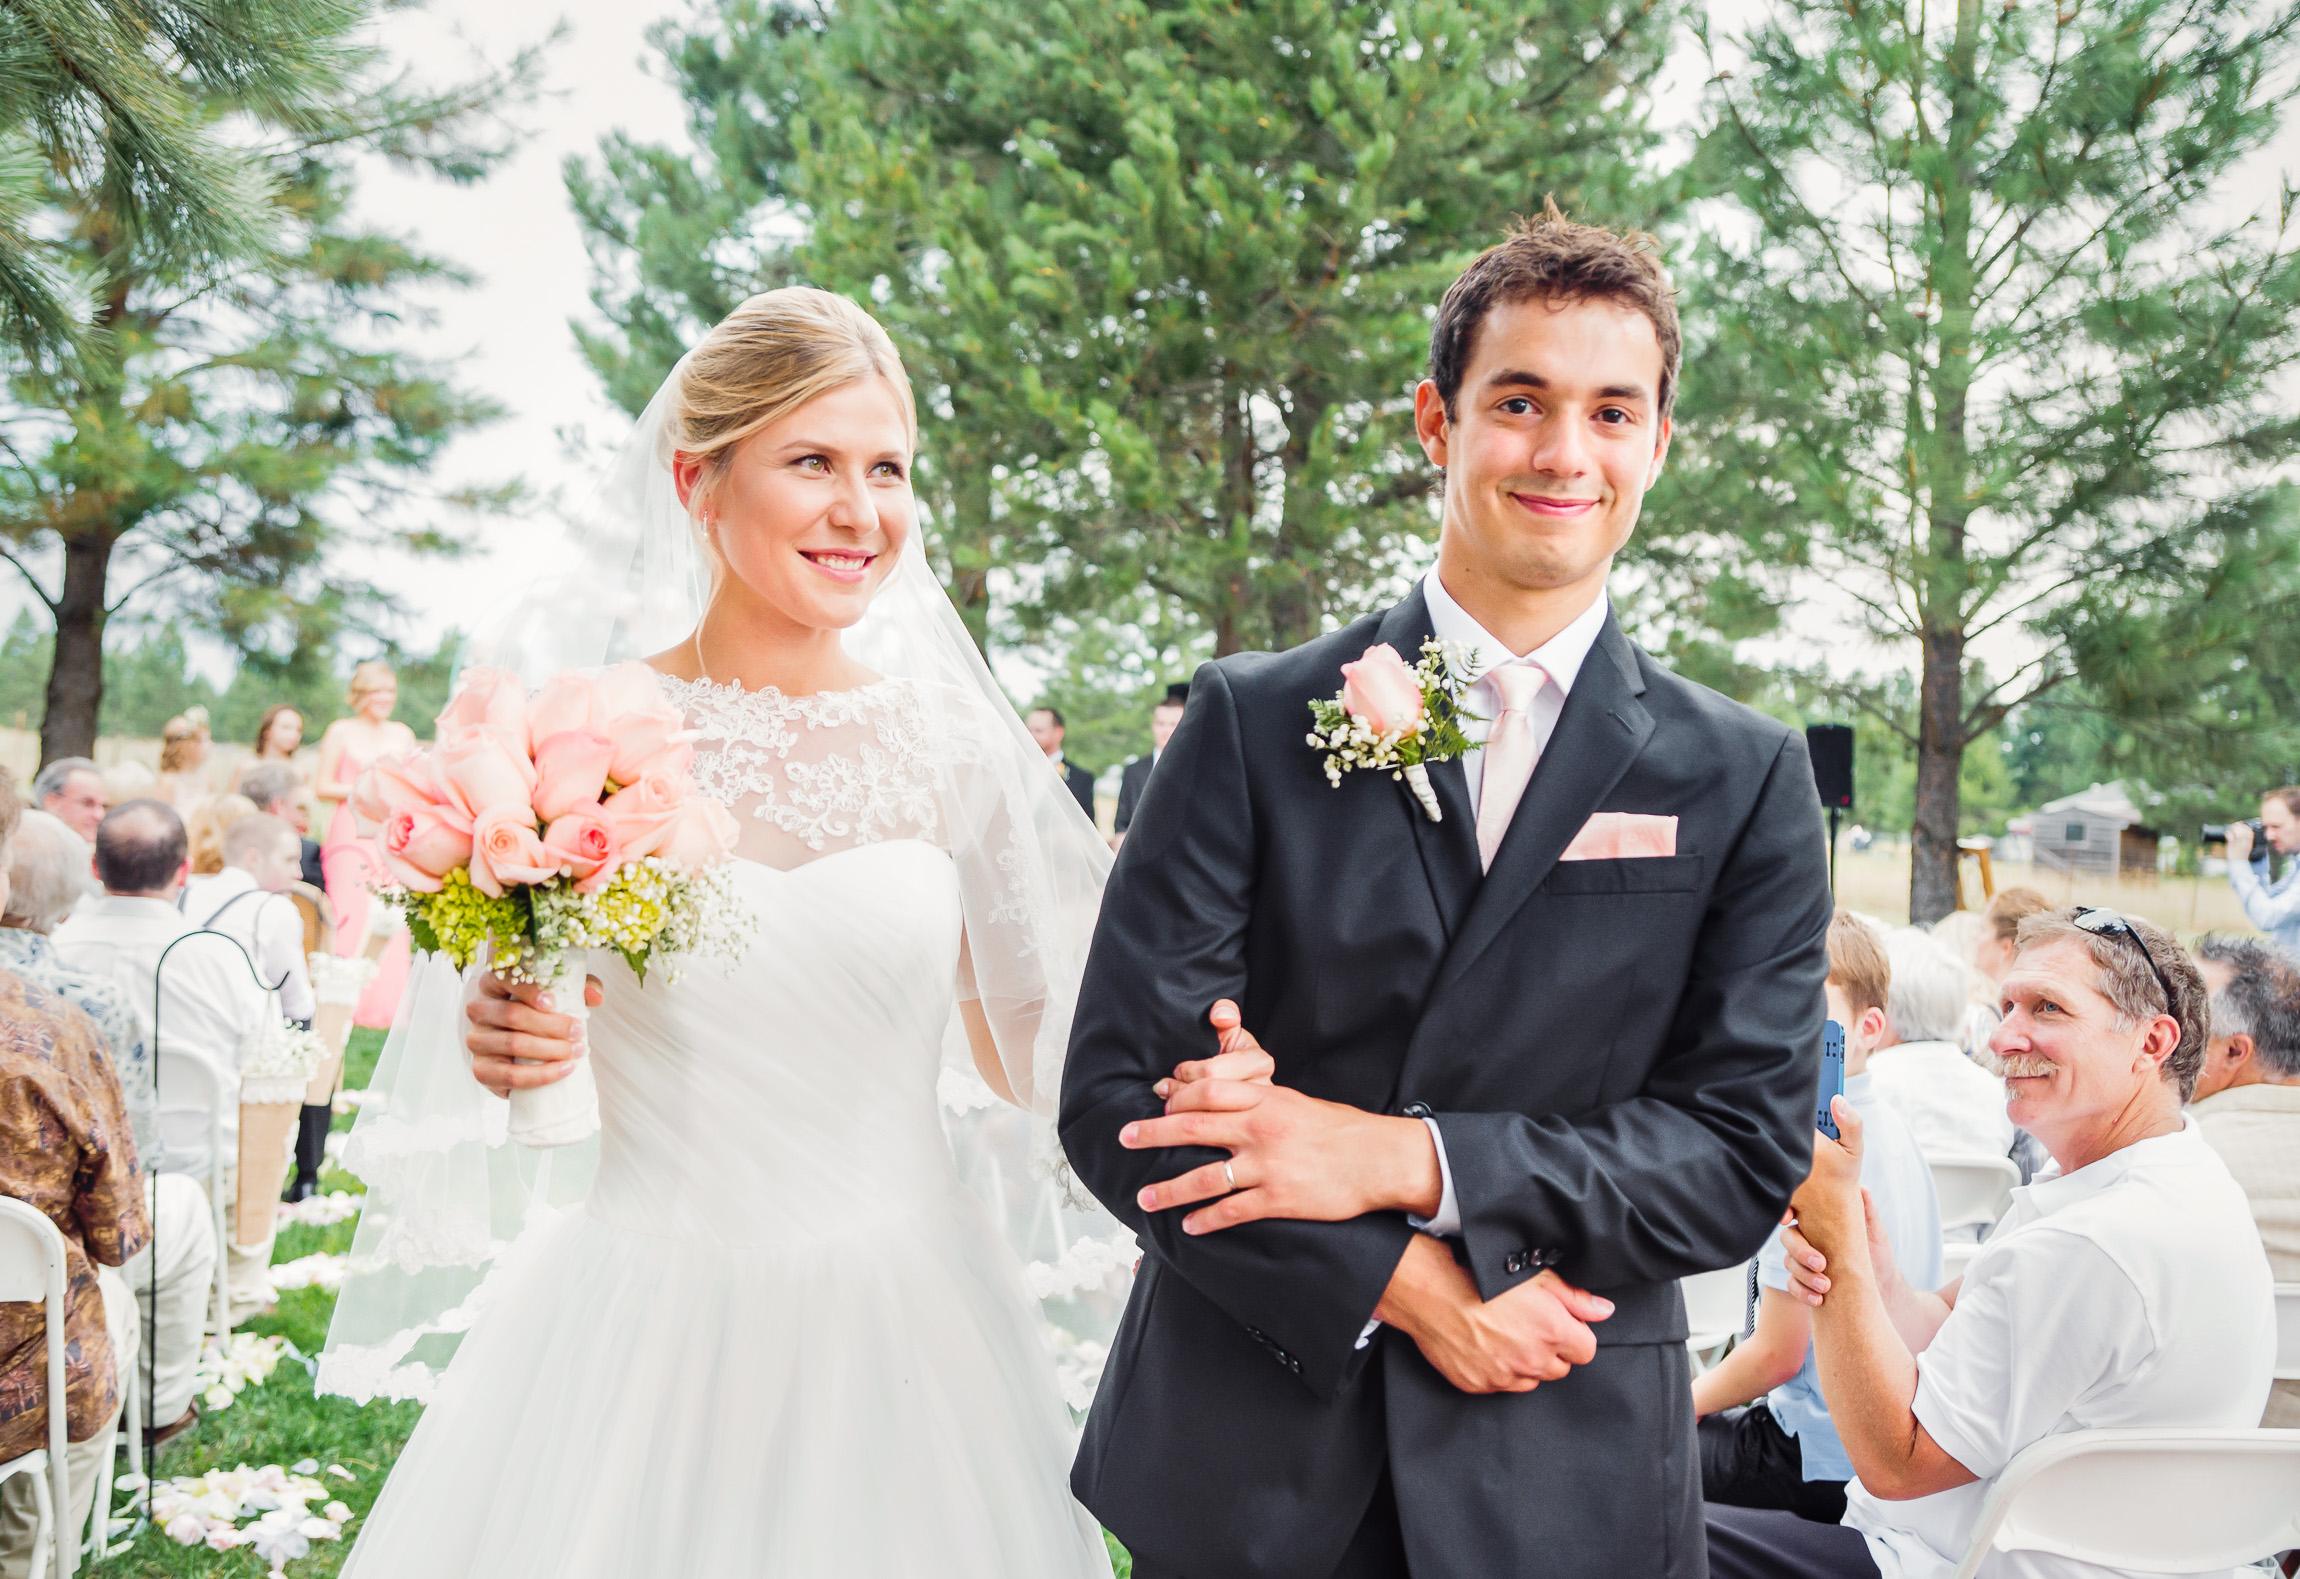 Walking down the aisle DIY wedding by Jessica Nazarova